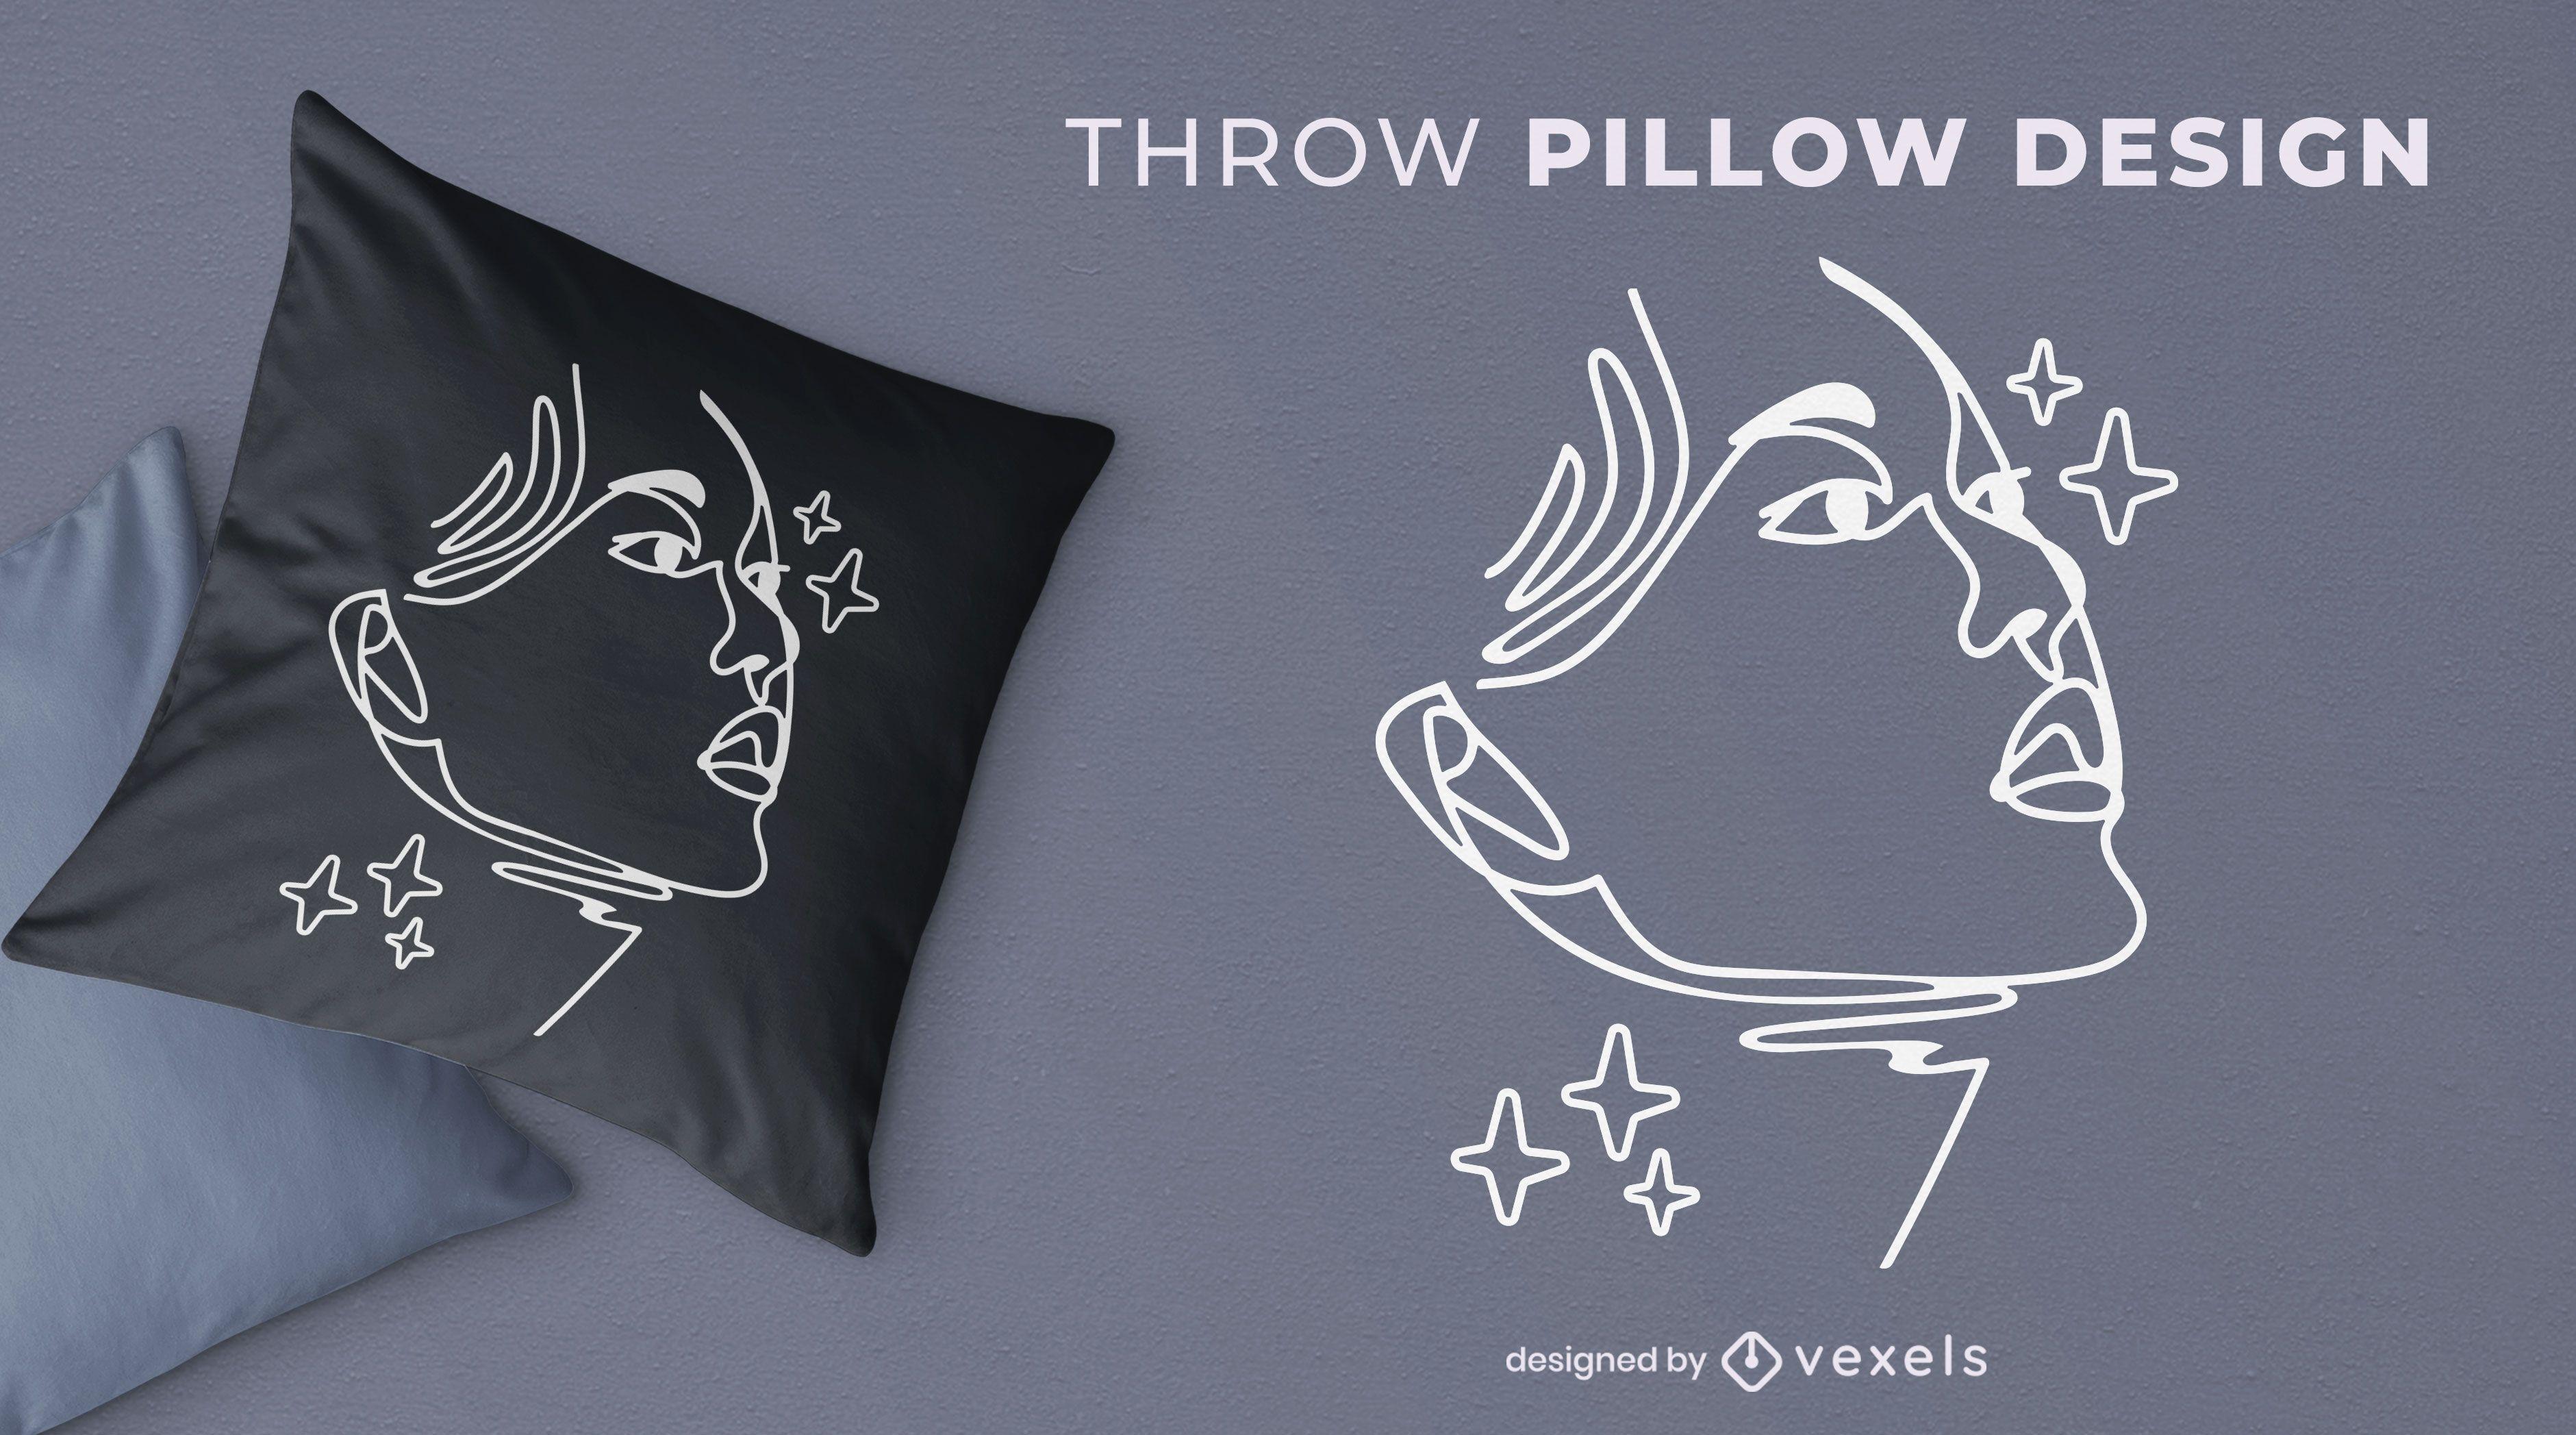 Diseño de almohada de tiro de cara de mujer